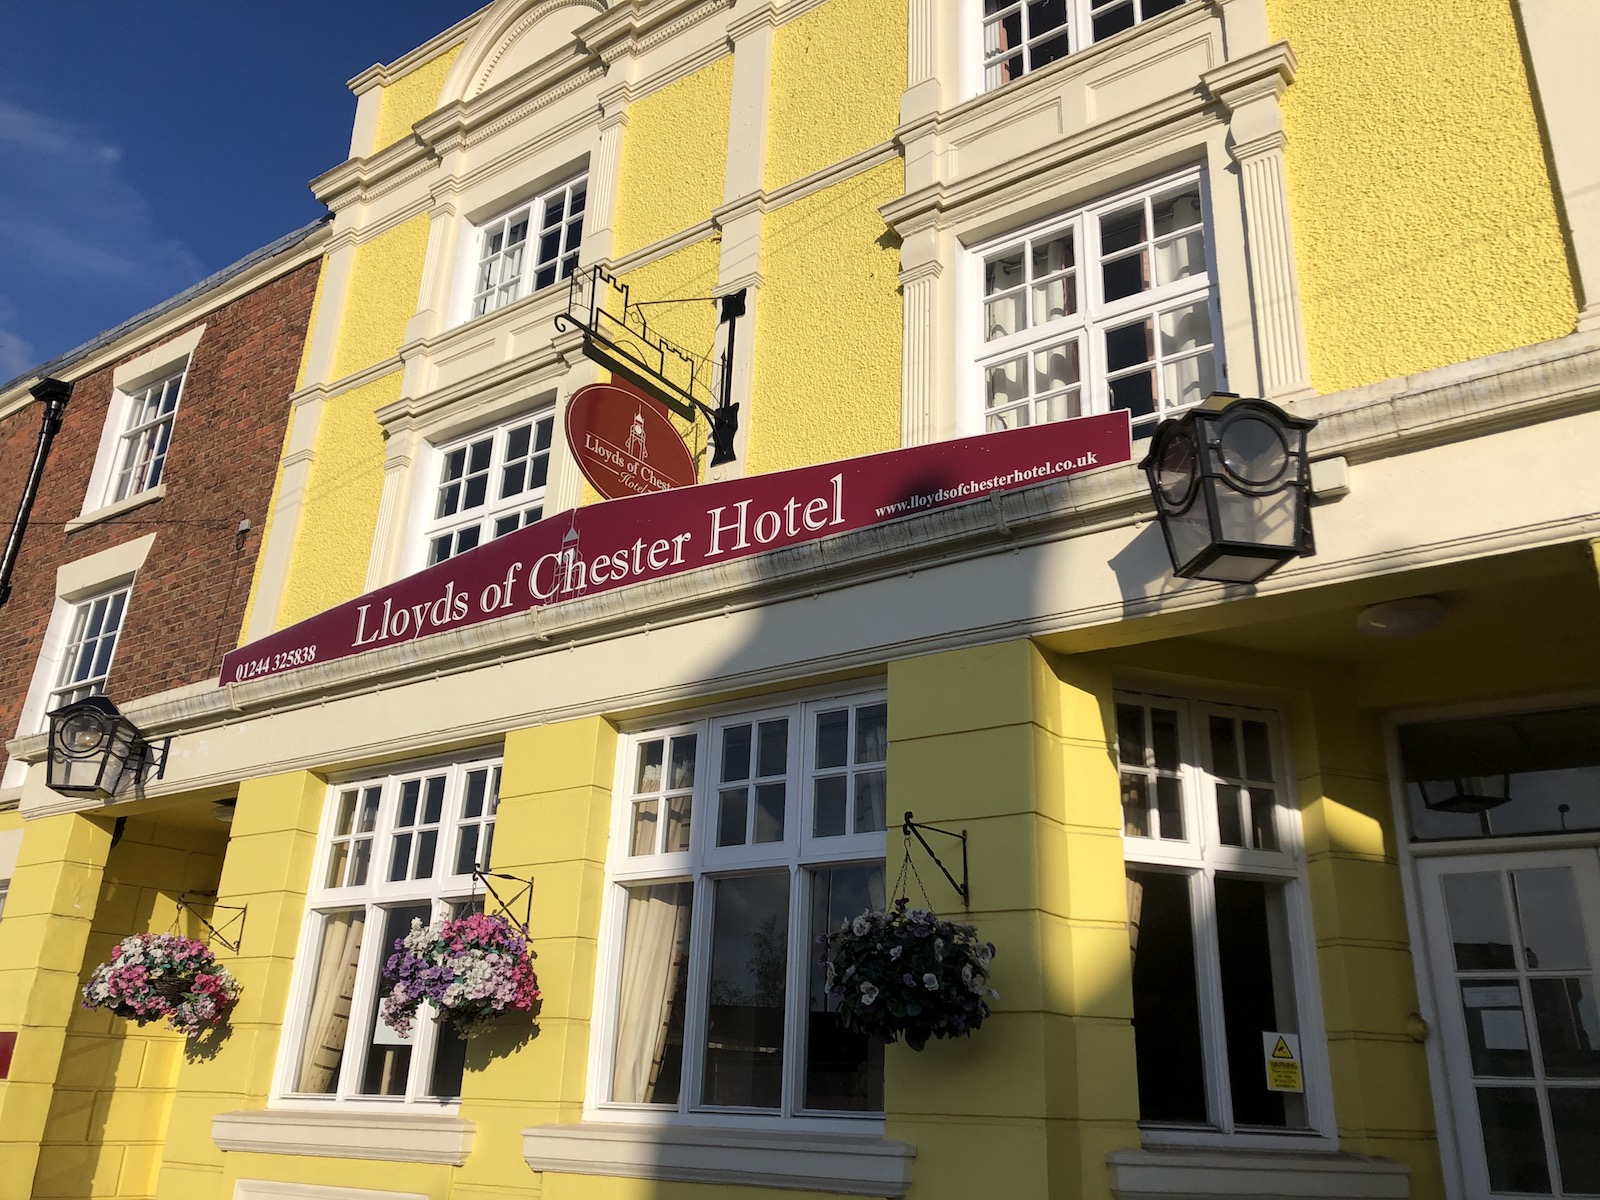 イギリス チェスター ロイズオブチェスター ホテル